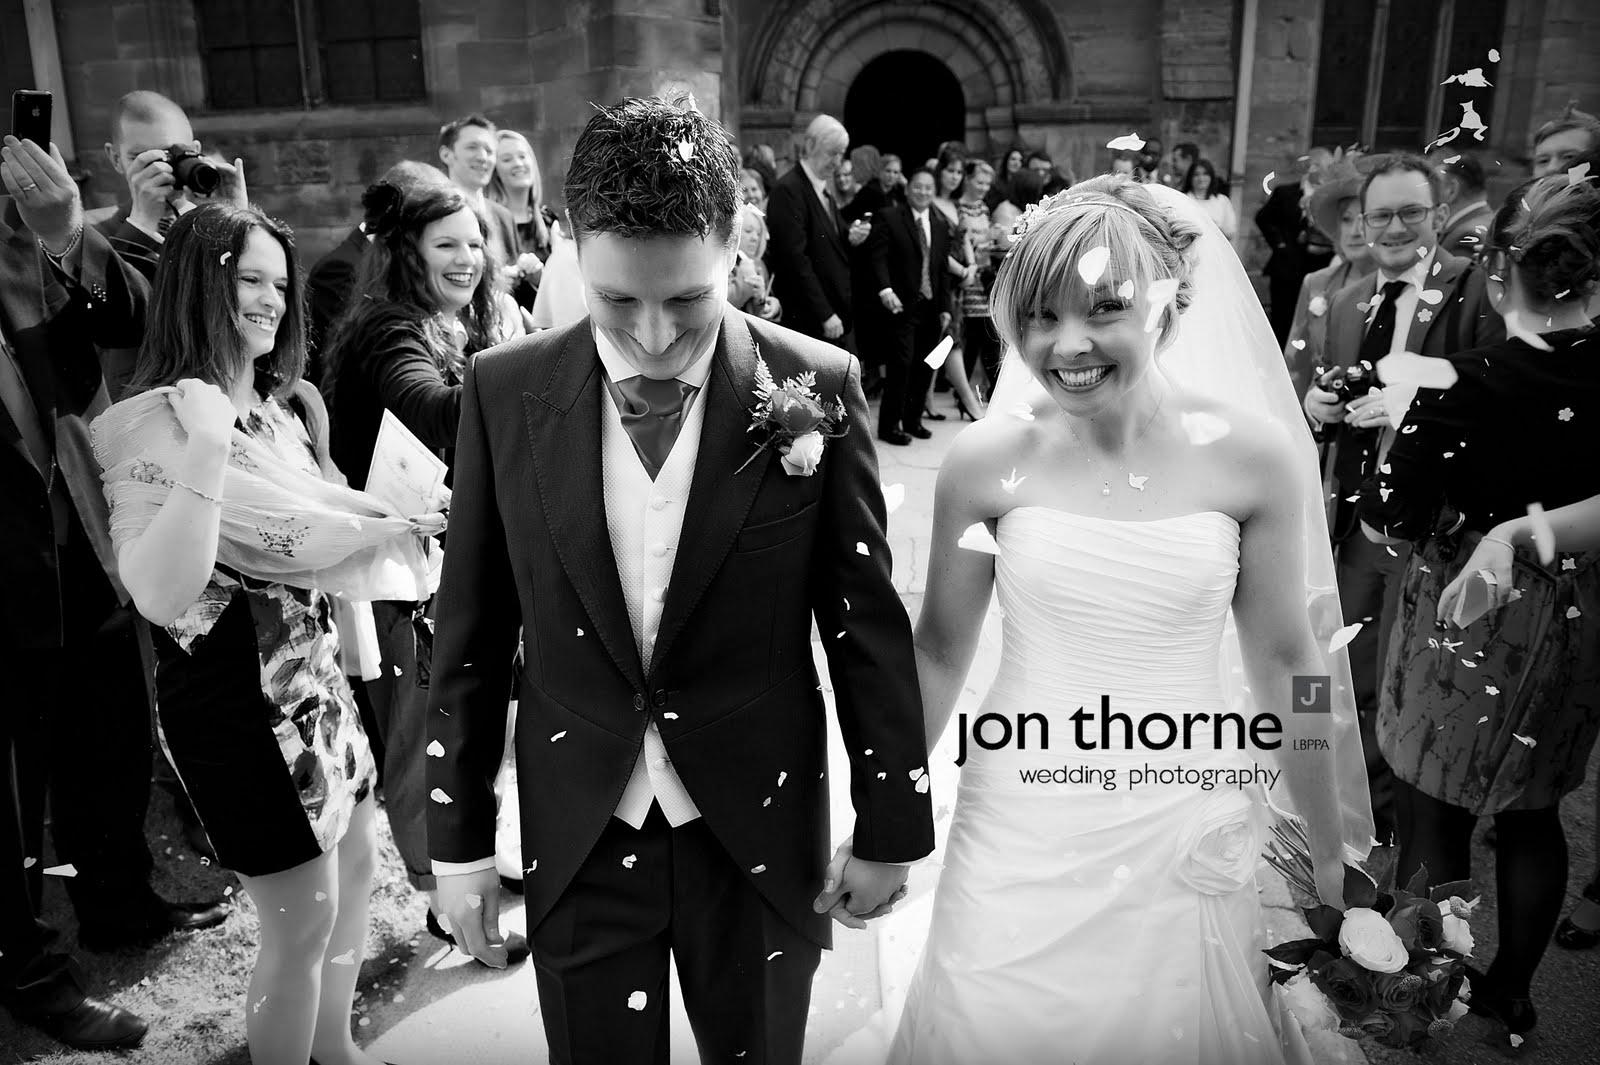 Jon thorne wedding